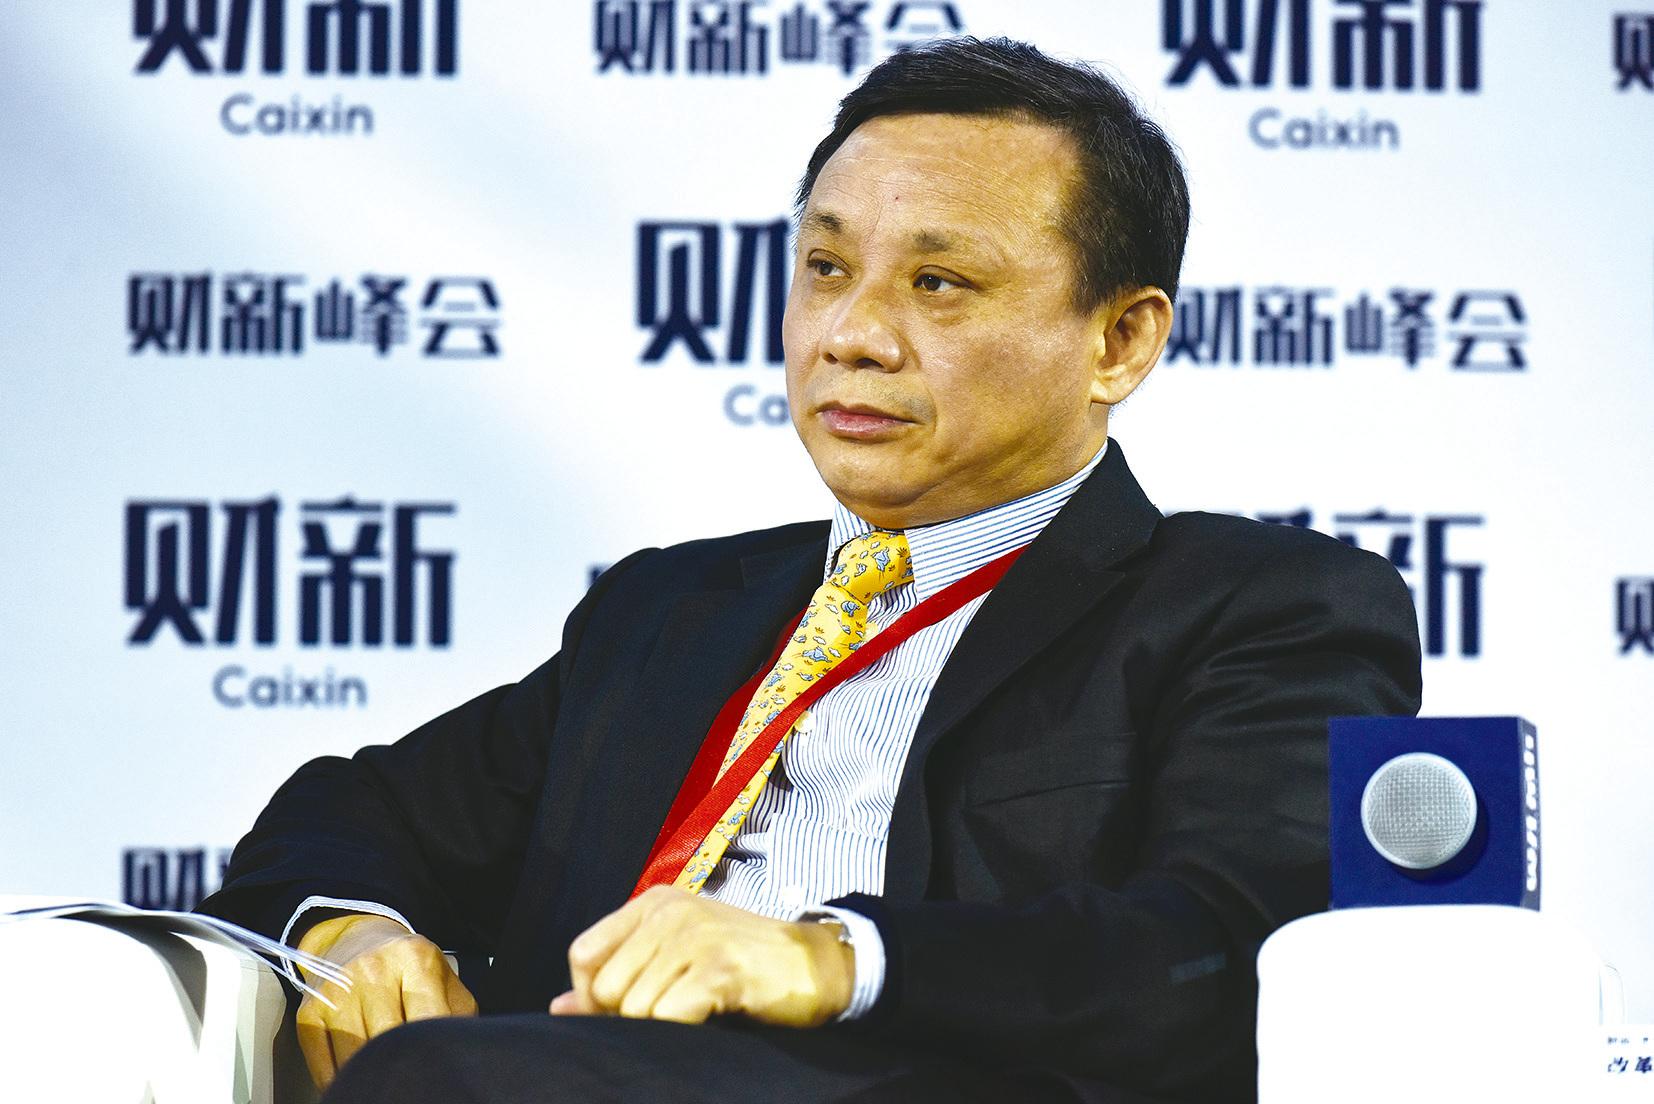 中誠信集團創始人、亞布力陽光度假村董事長毛振華在2016年的財新峰會上。(大紀元資料室)